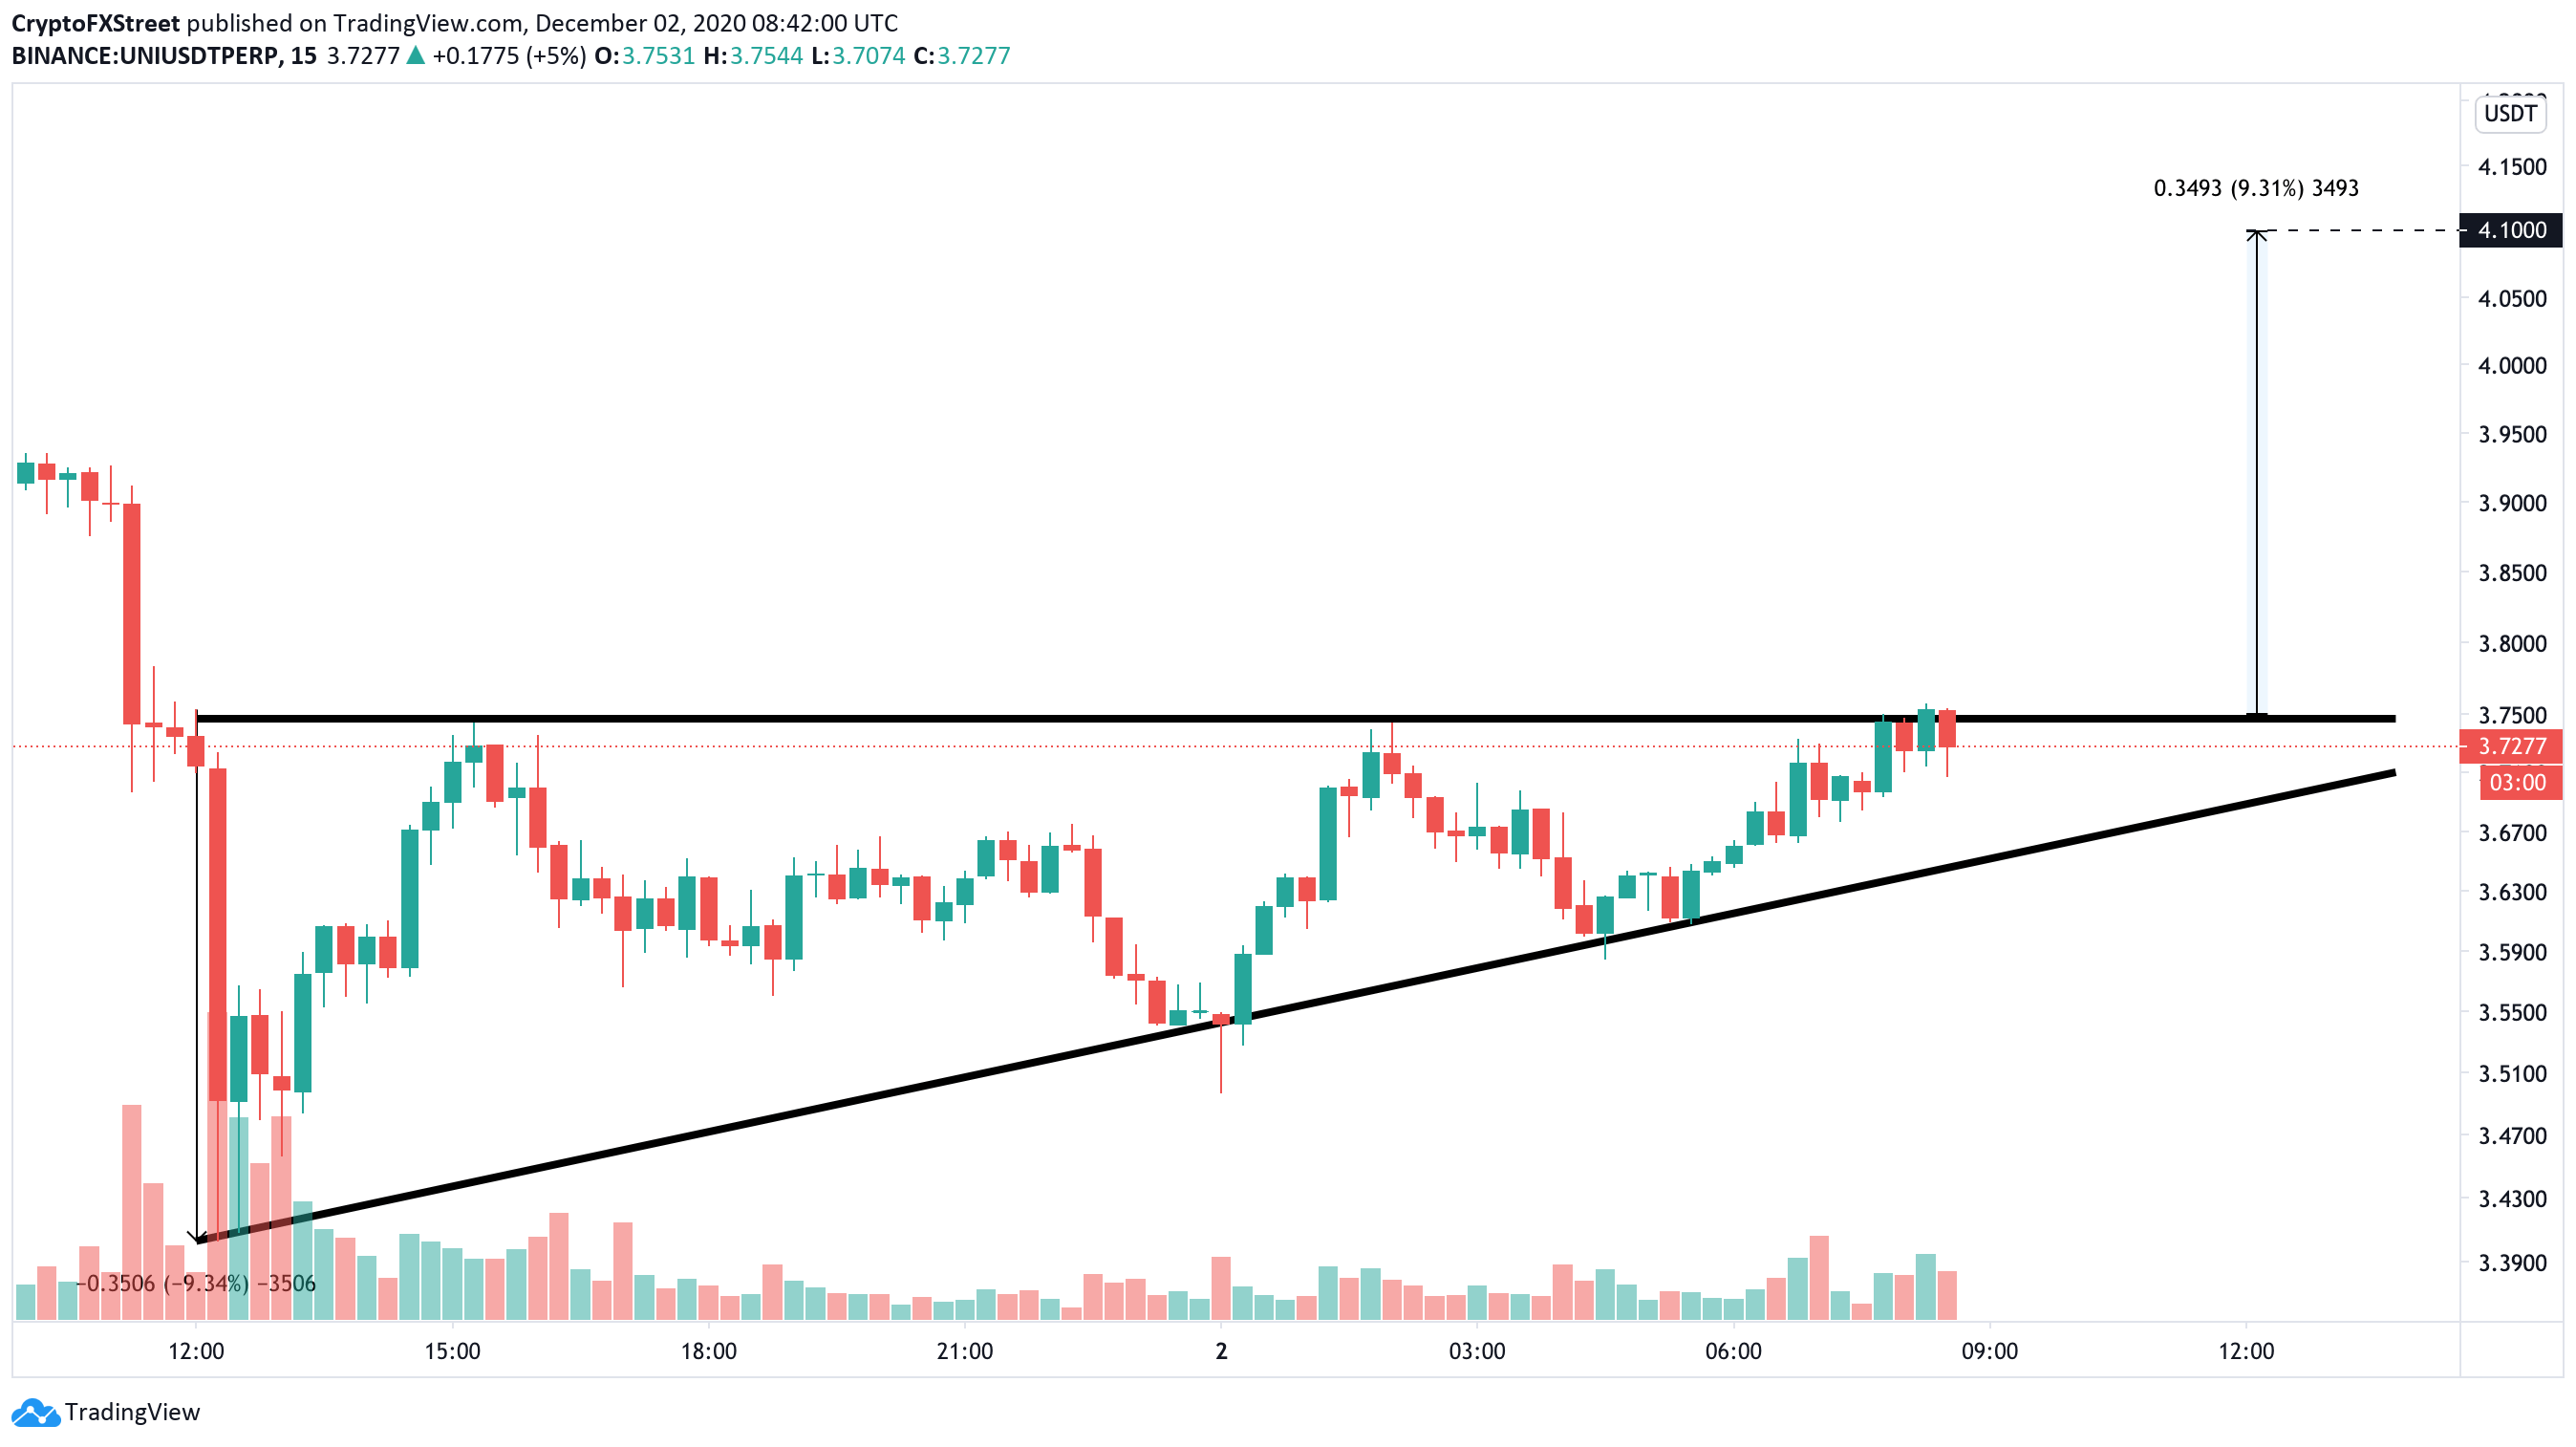 UNI/USD 15-min chart